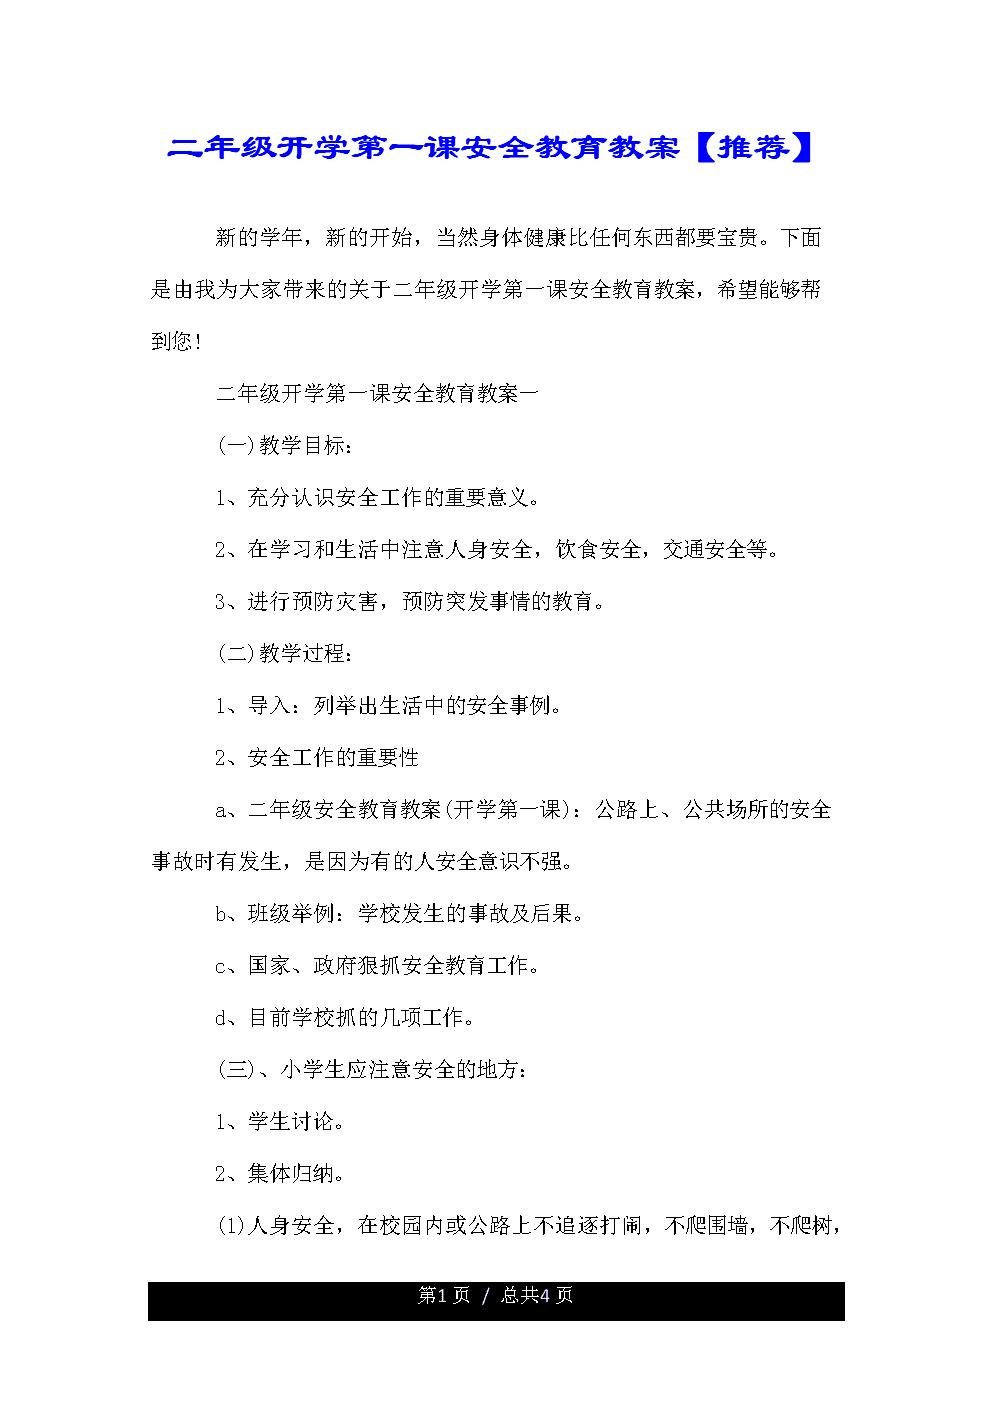 二年级开学第一课安全教育教案【推荐】.doc